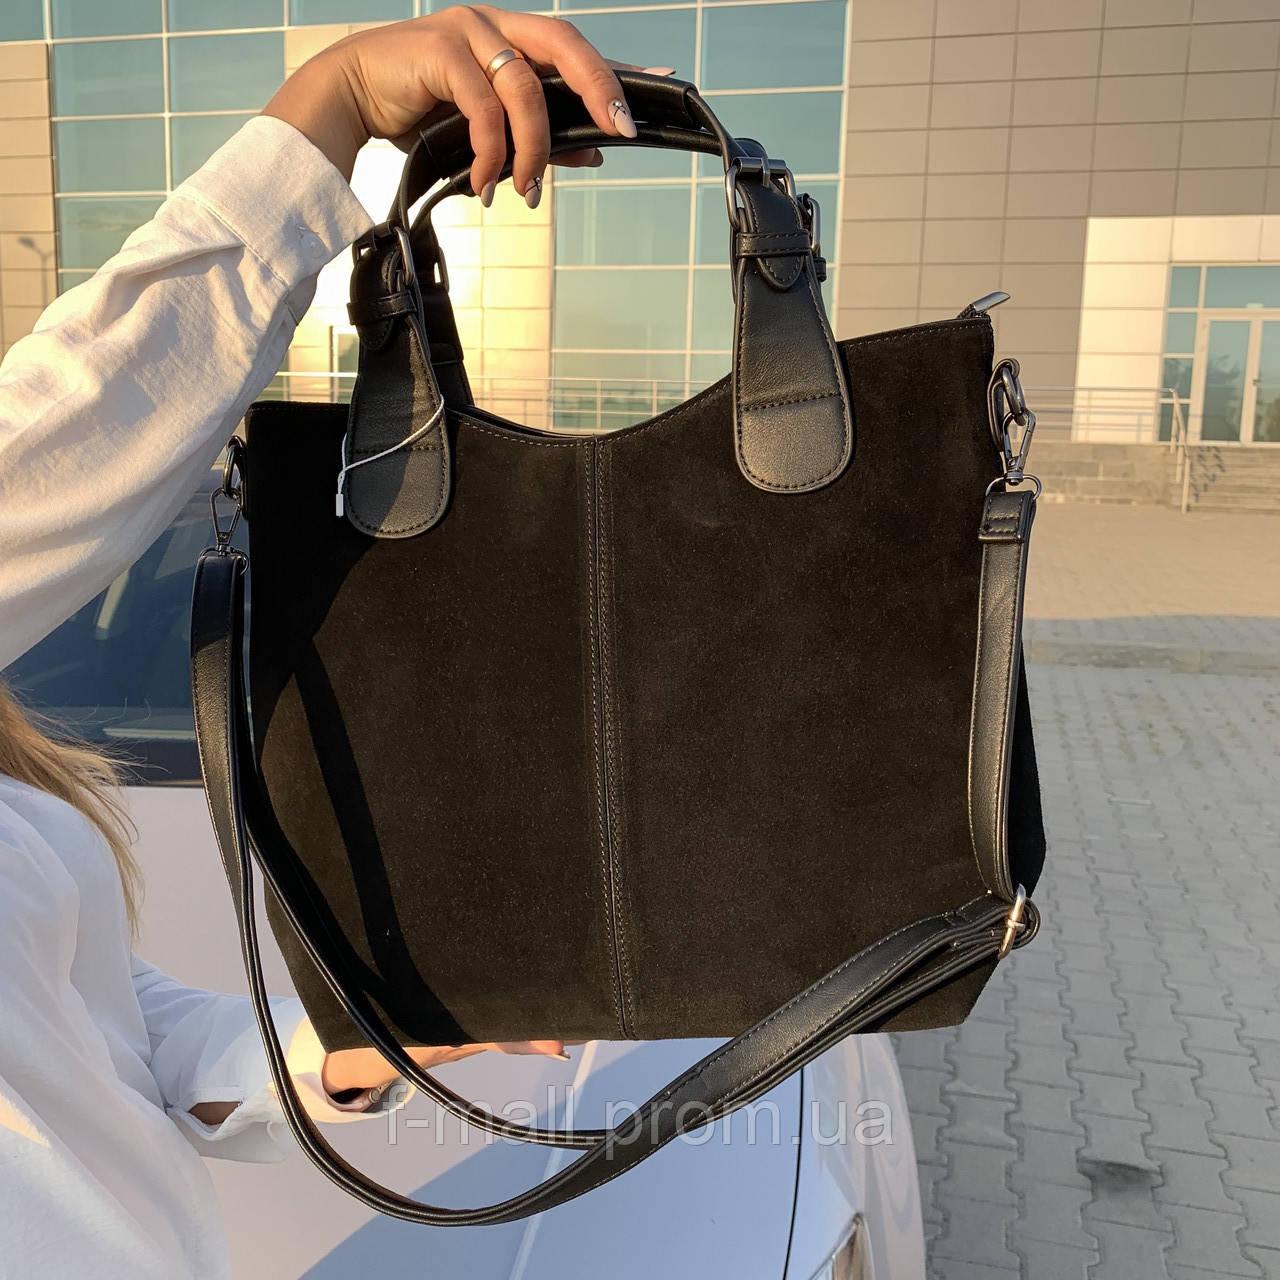 Женская сумка c косметичкой замш черная  (1080)